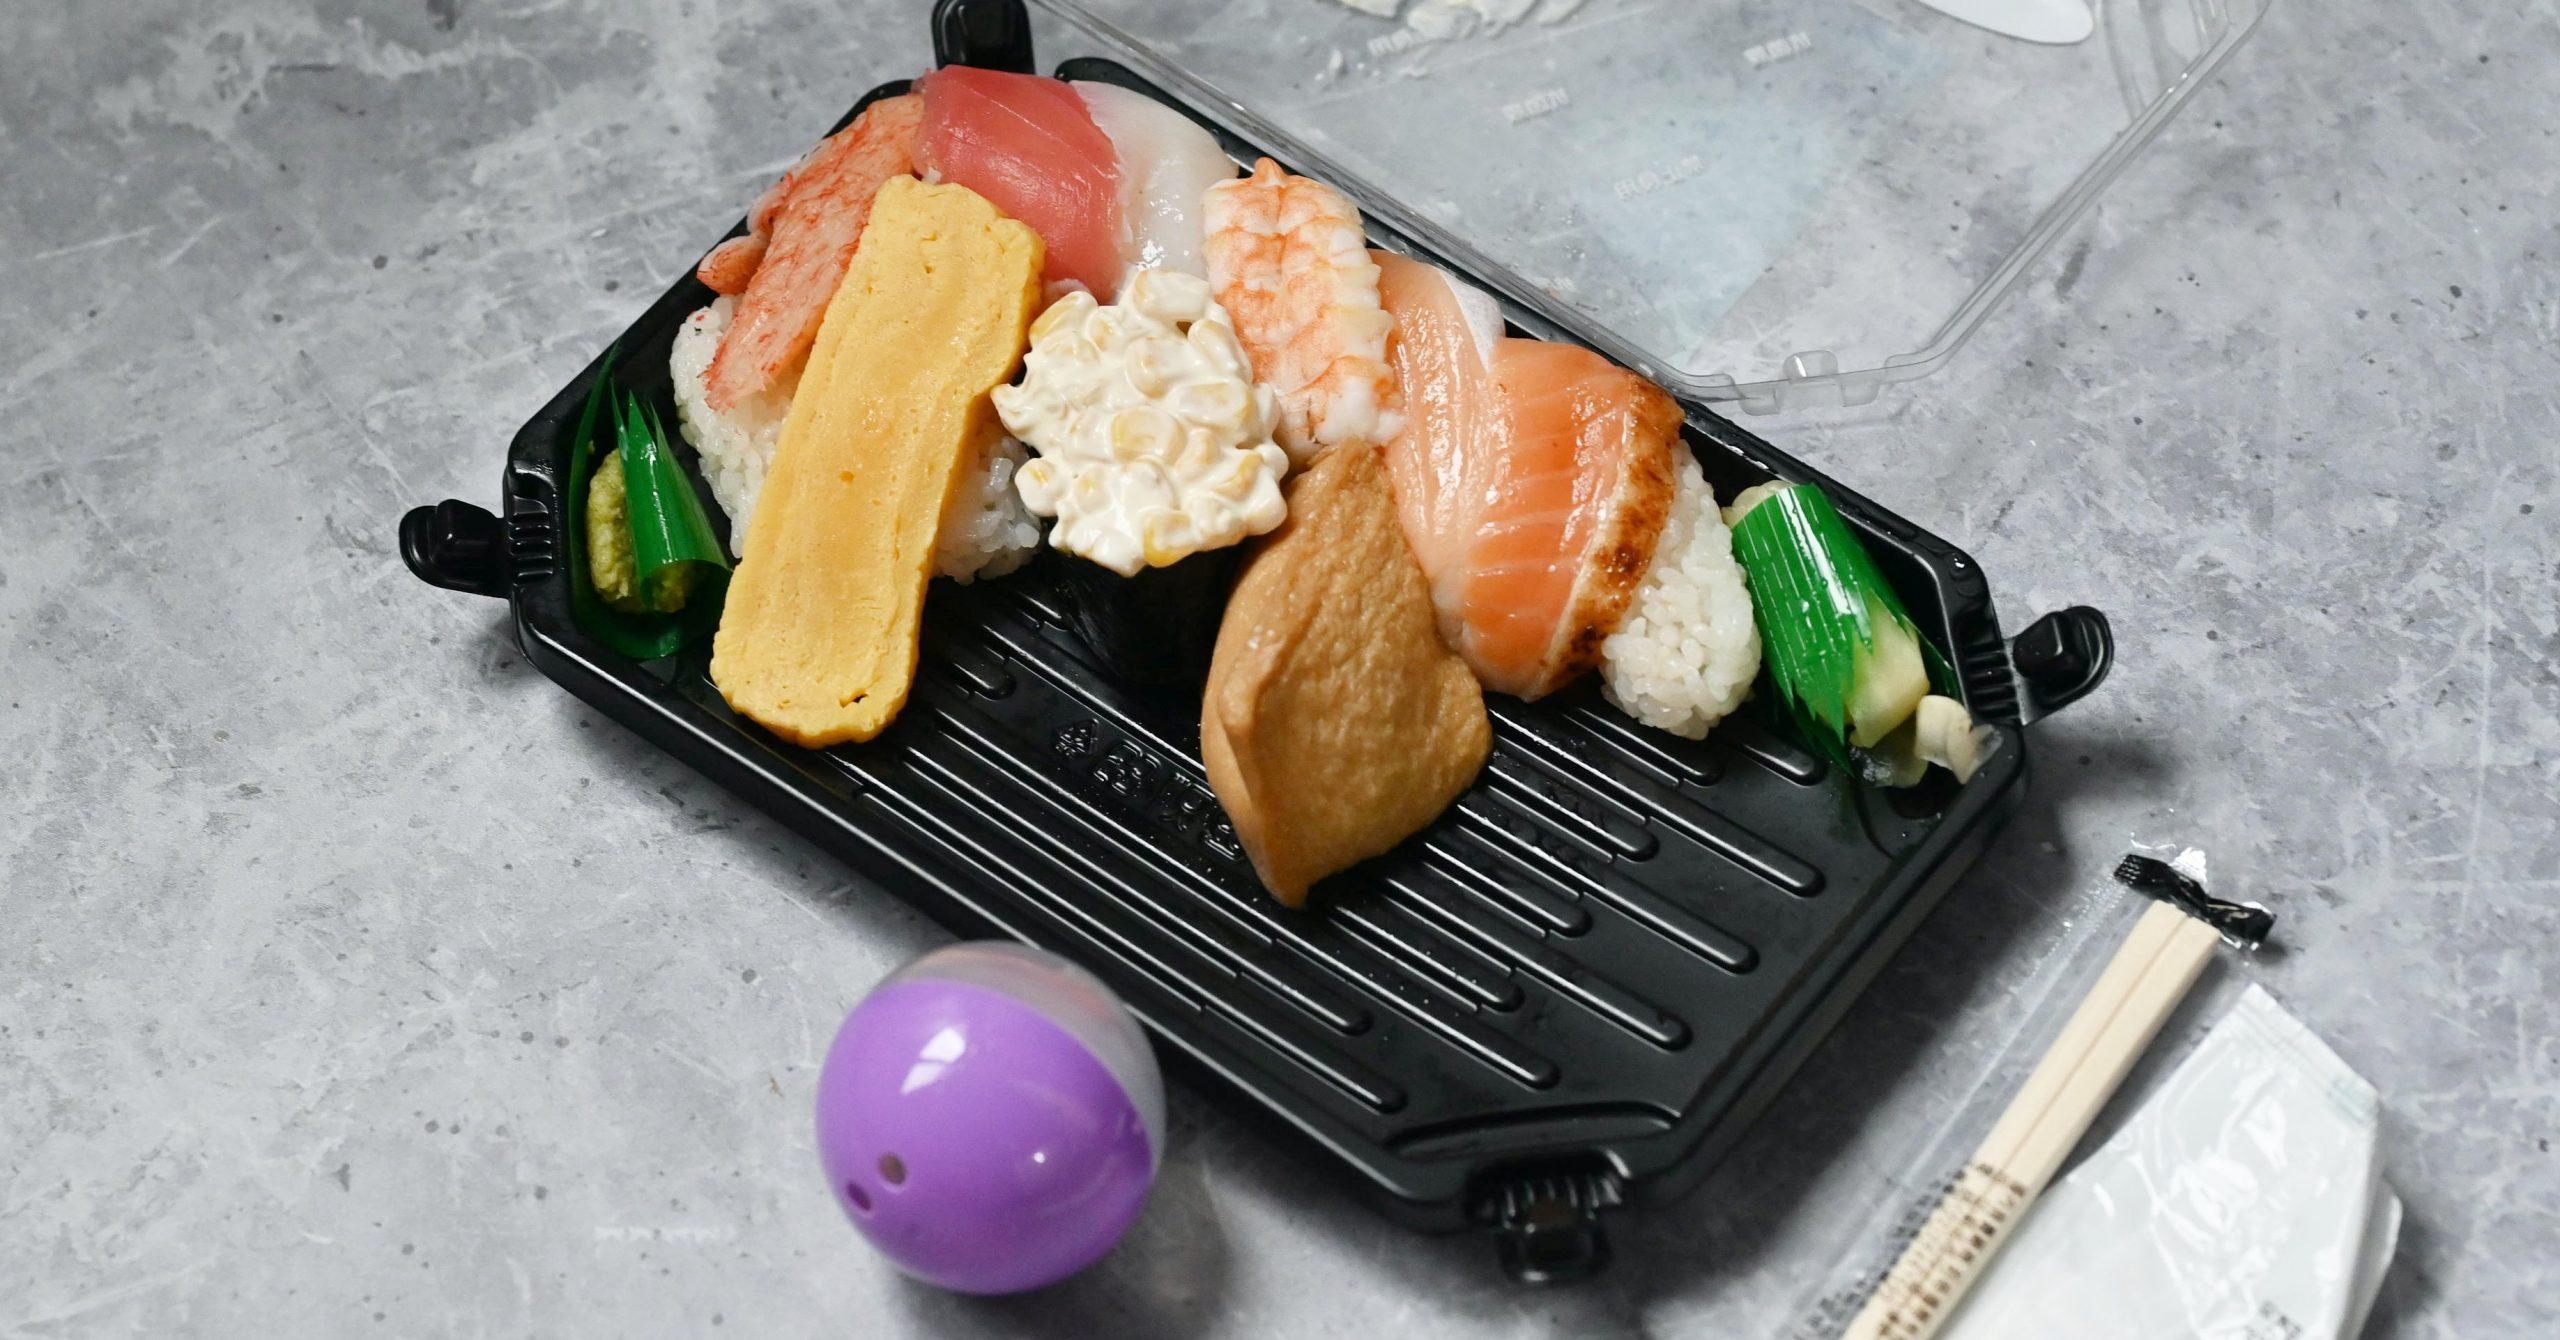 藏壽司,藏壽司外帶餐盒,藏壽司外帶,藏壽司外帶菜單,便當推薦 @Nash,神之領域